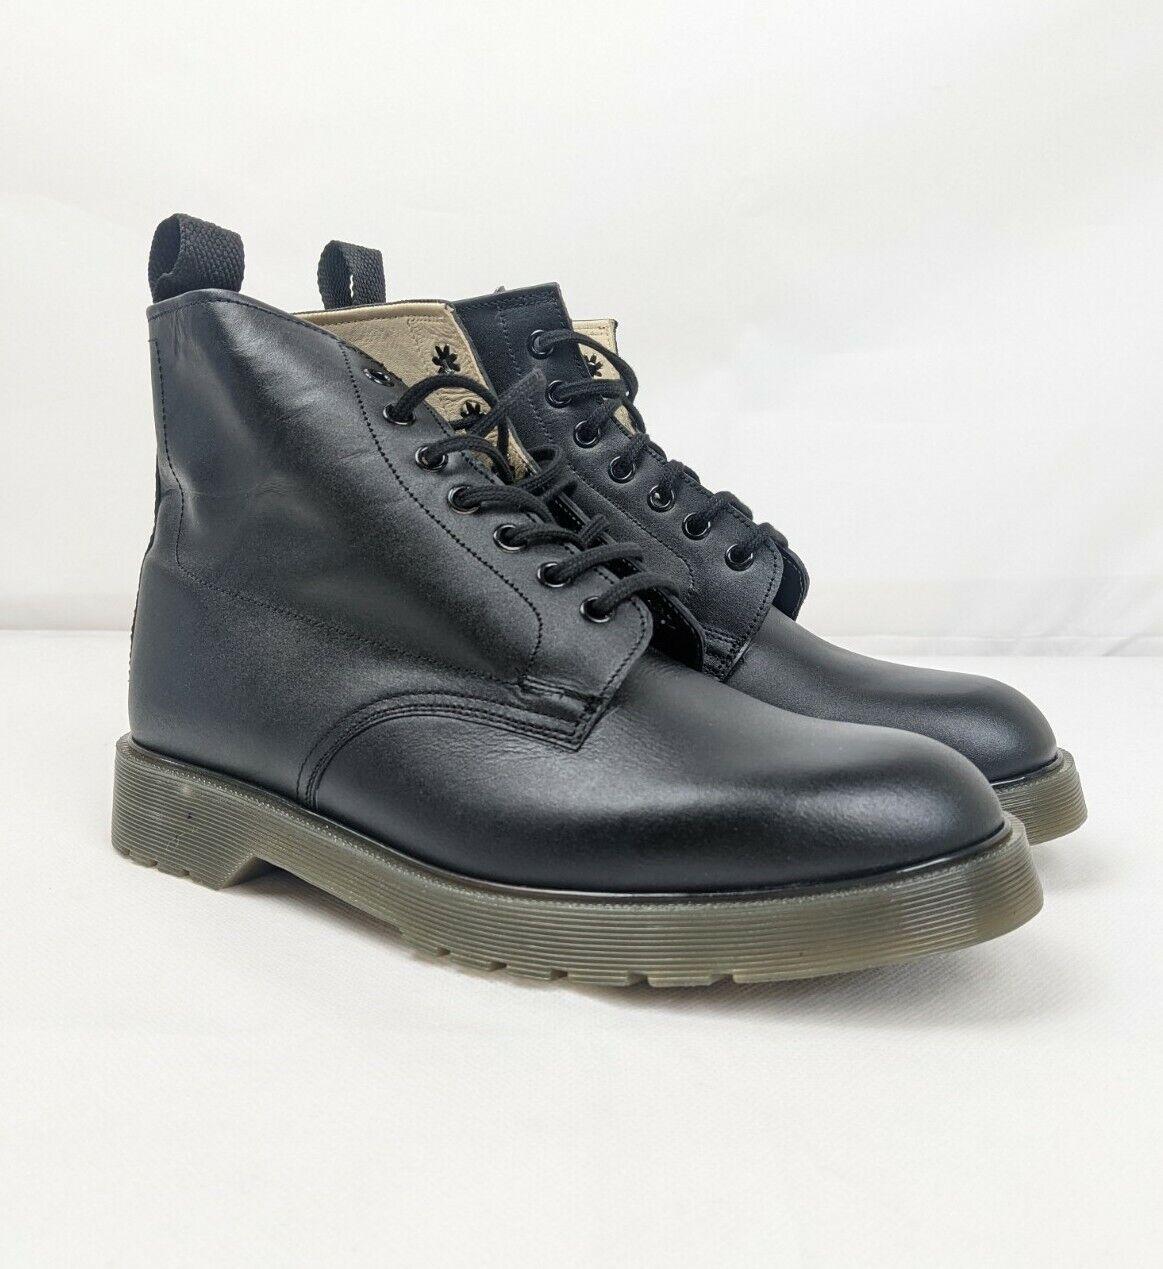 Rutland Shoe - Dr Marten Black Tie Leather UK Prison Guard Boots - UK 7 EU 41